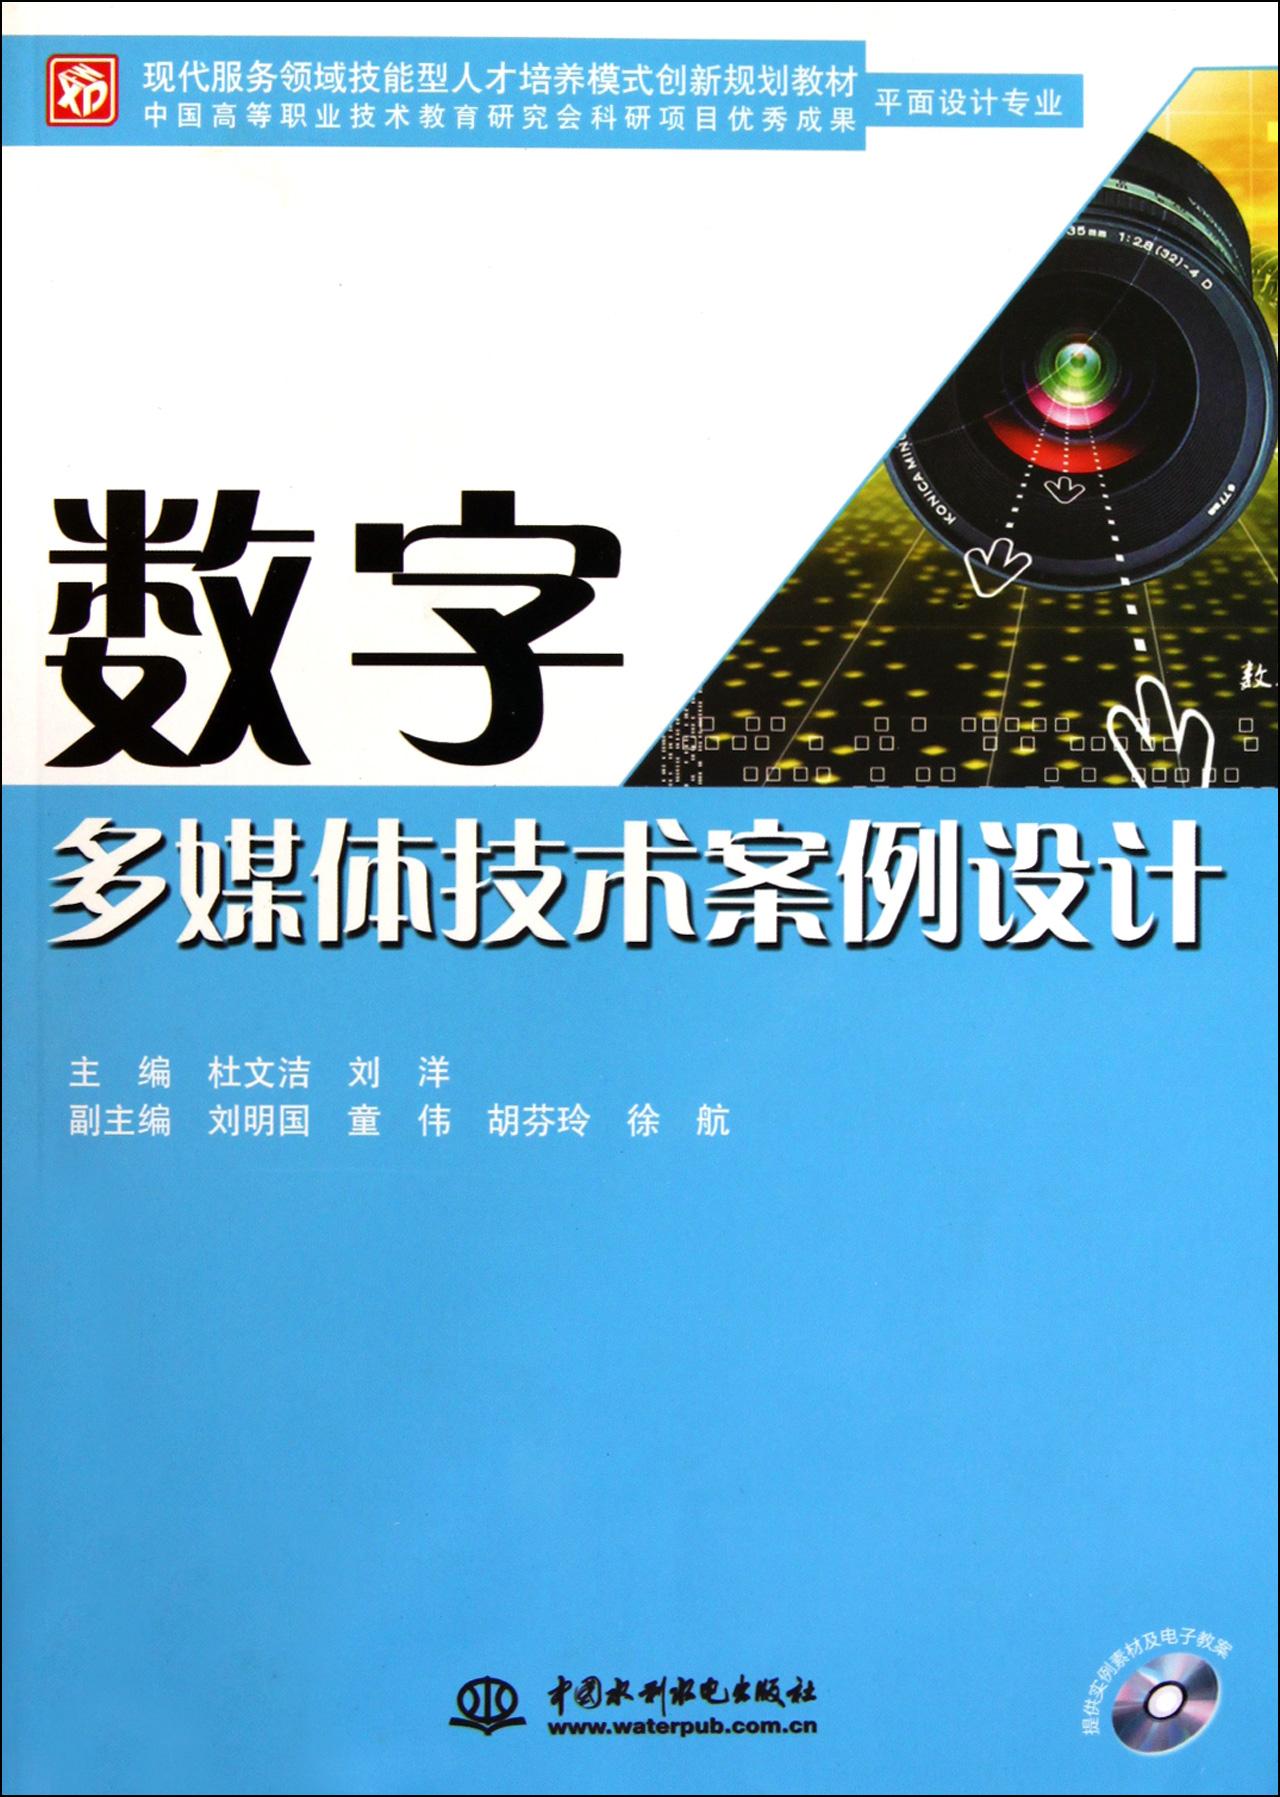 (附桁架平面设计光盘现代v桁架专业技型广联达领域绘制图片